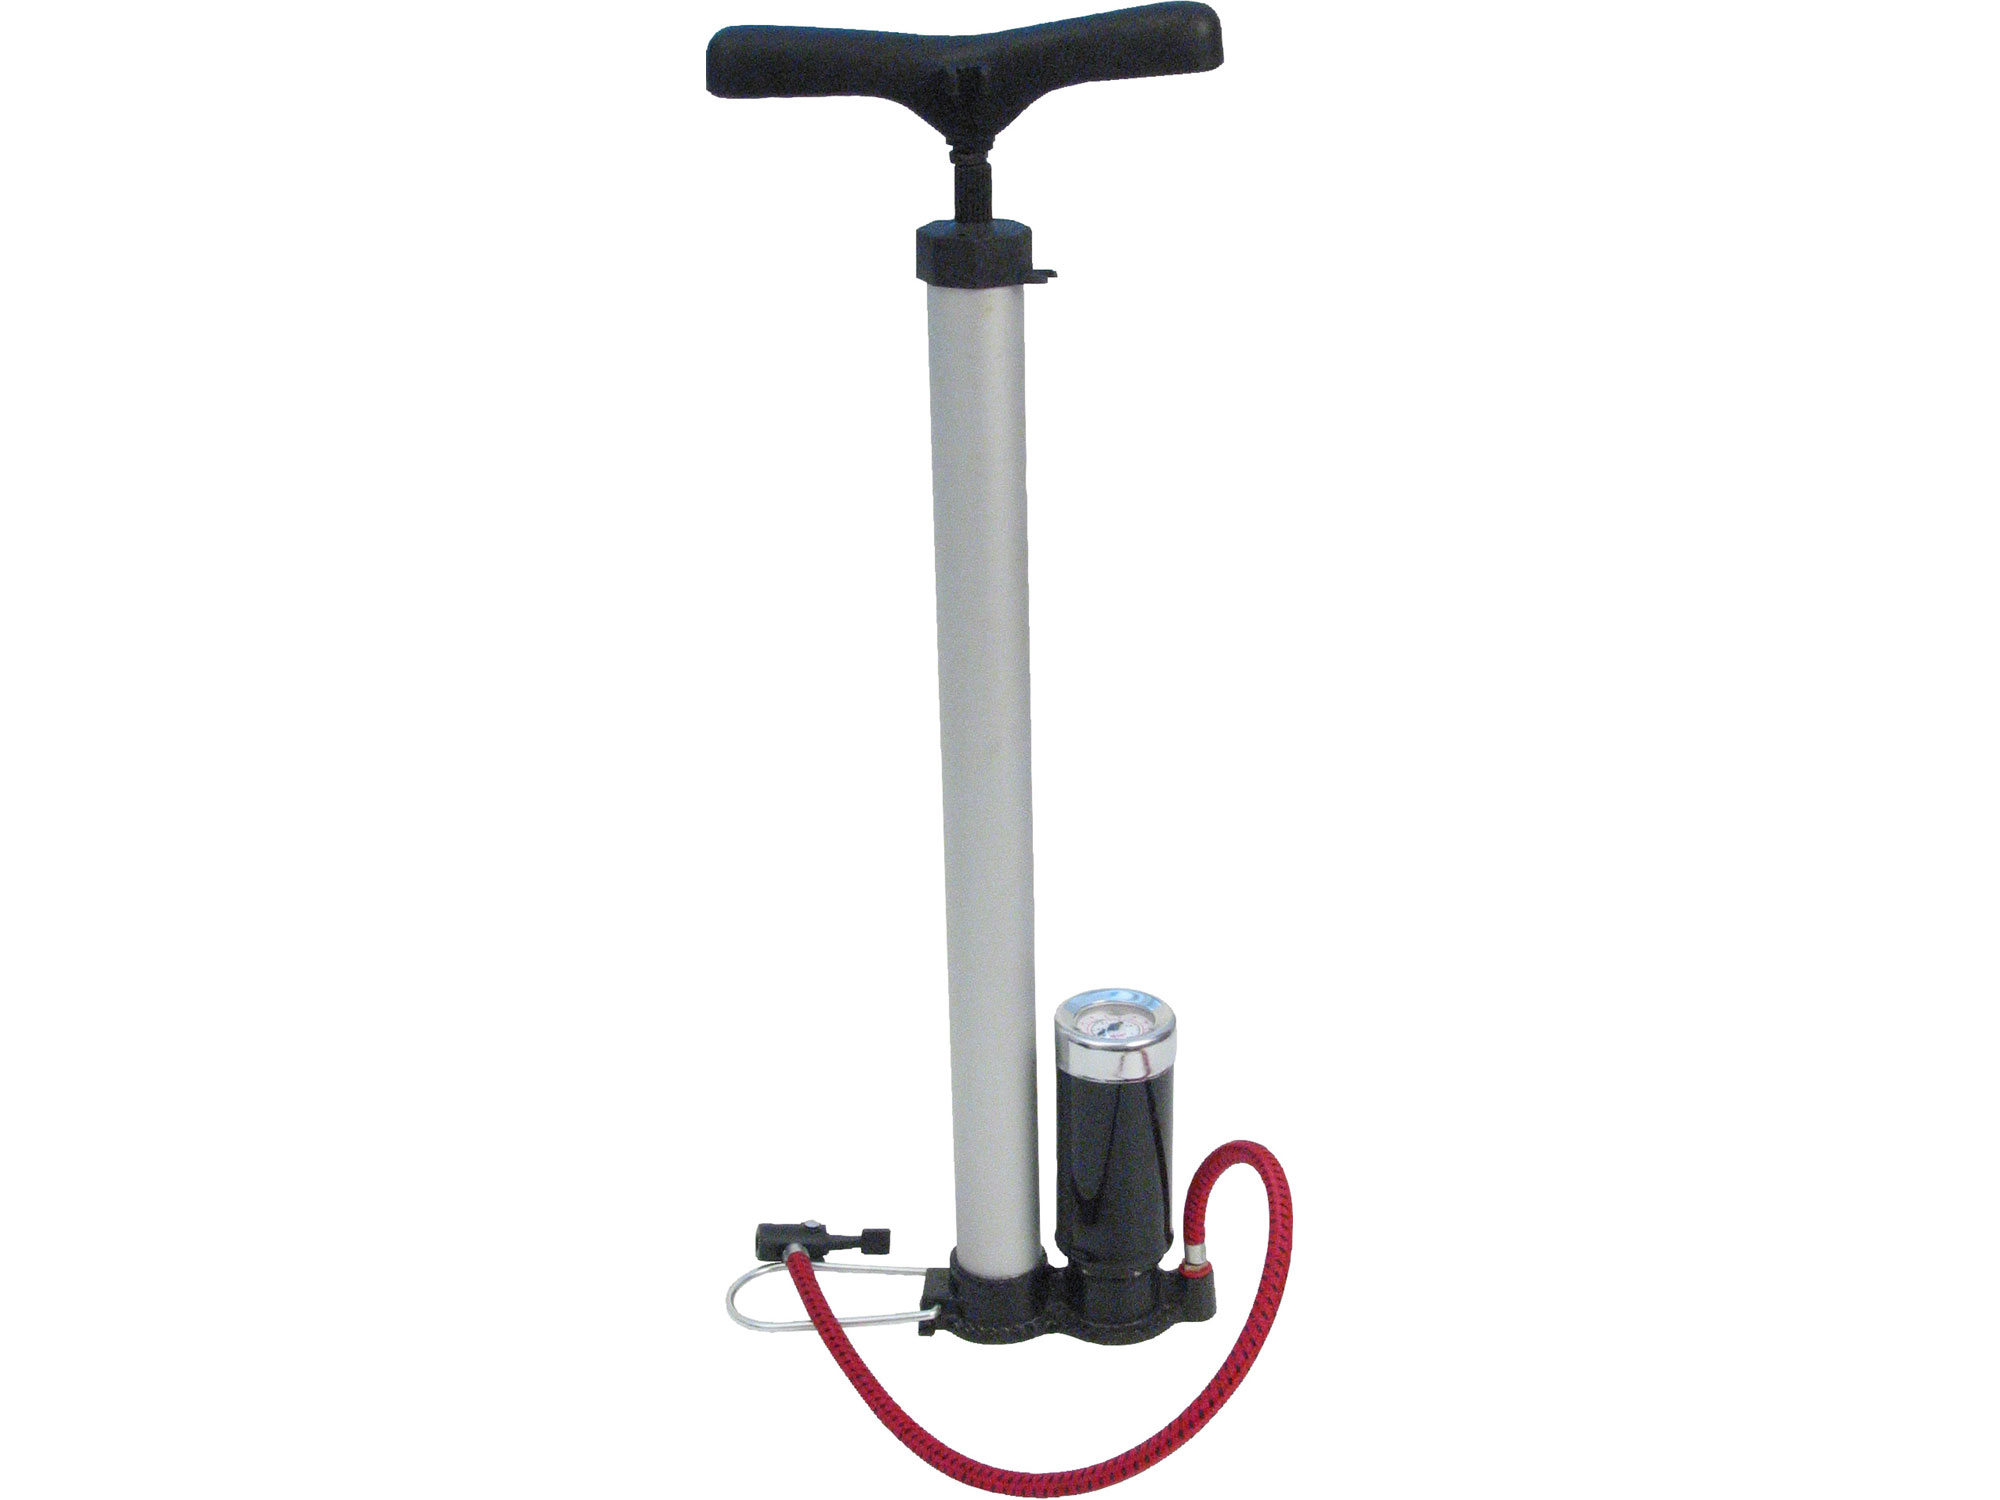 Pumpa na kolo s manometrem, 100PSI/7bar EXTOL CRAFT 9615